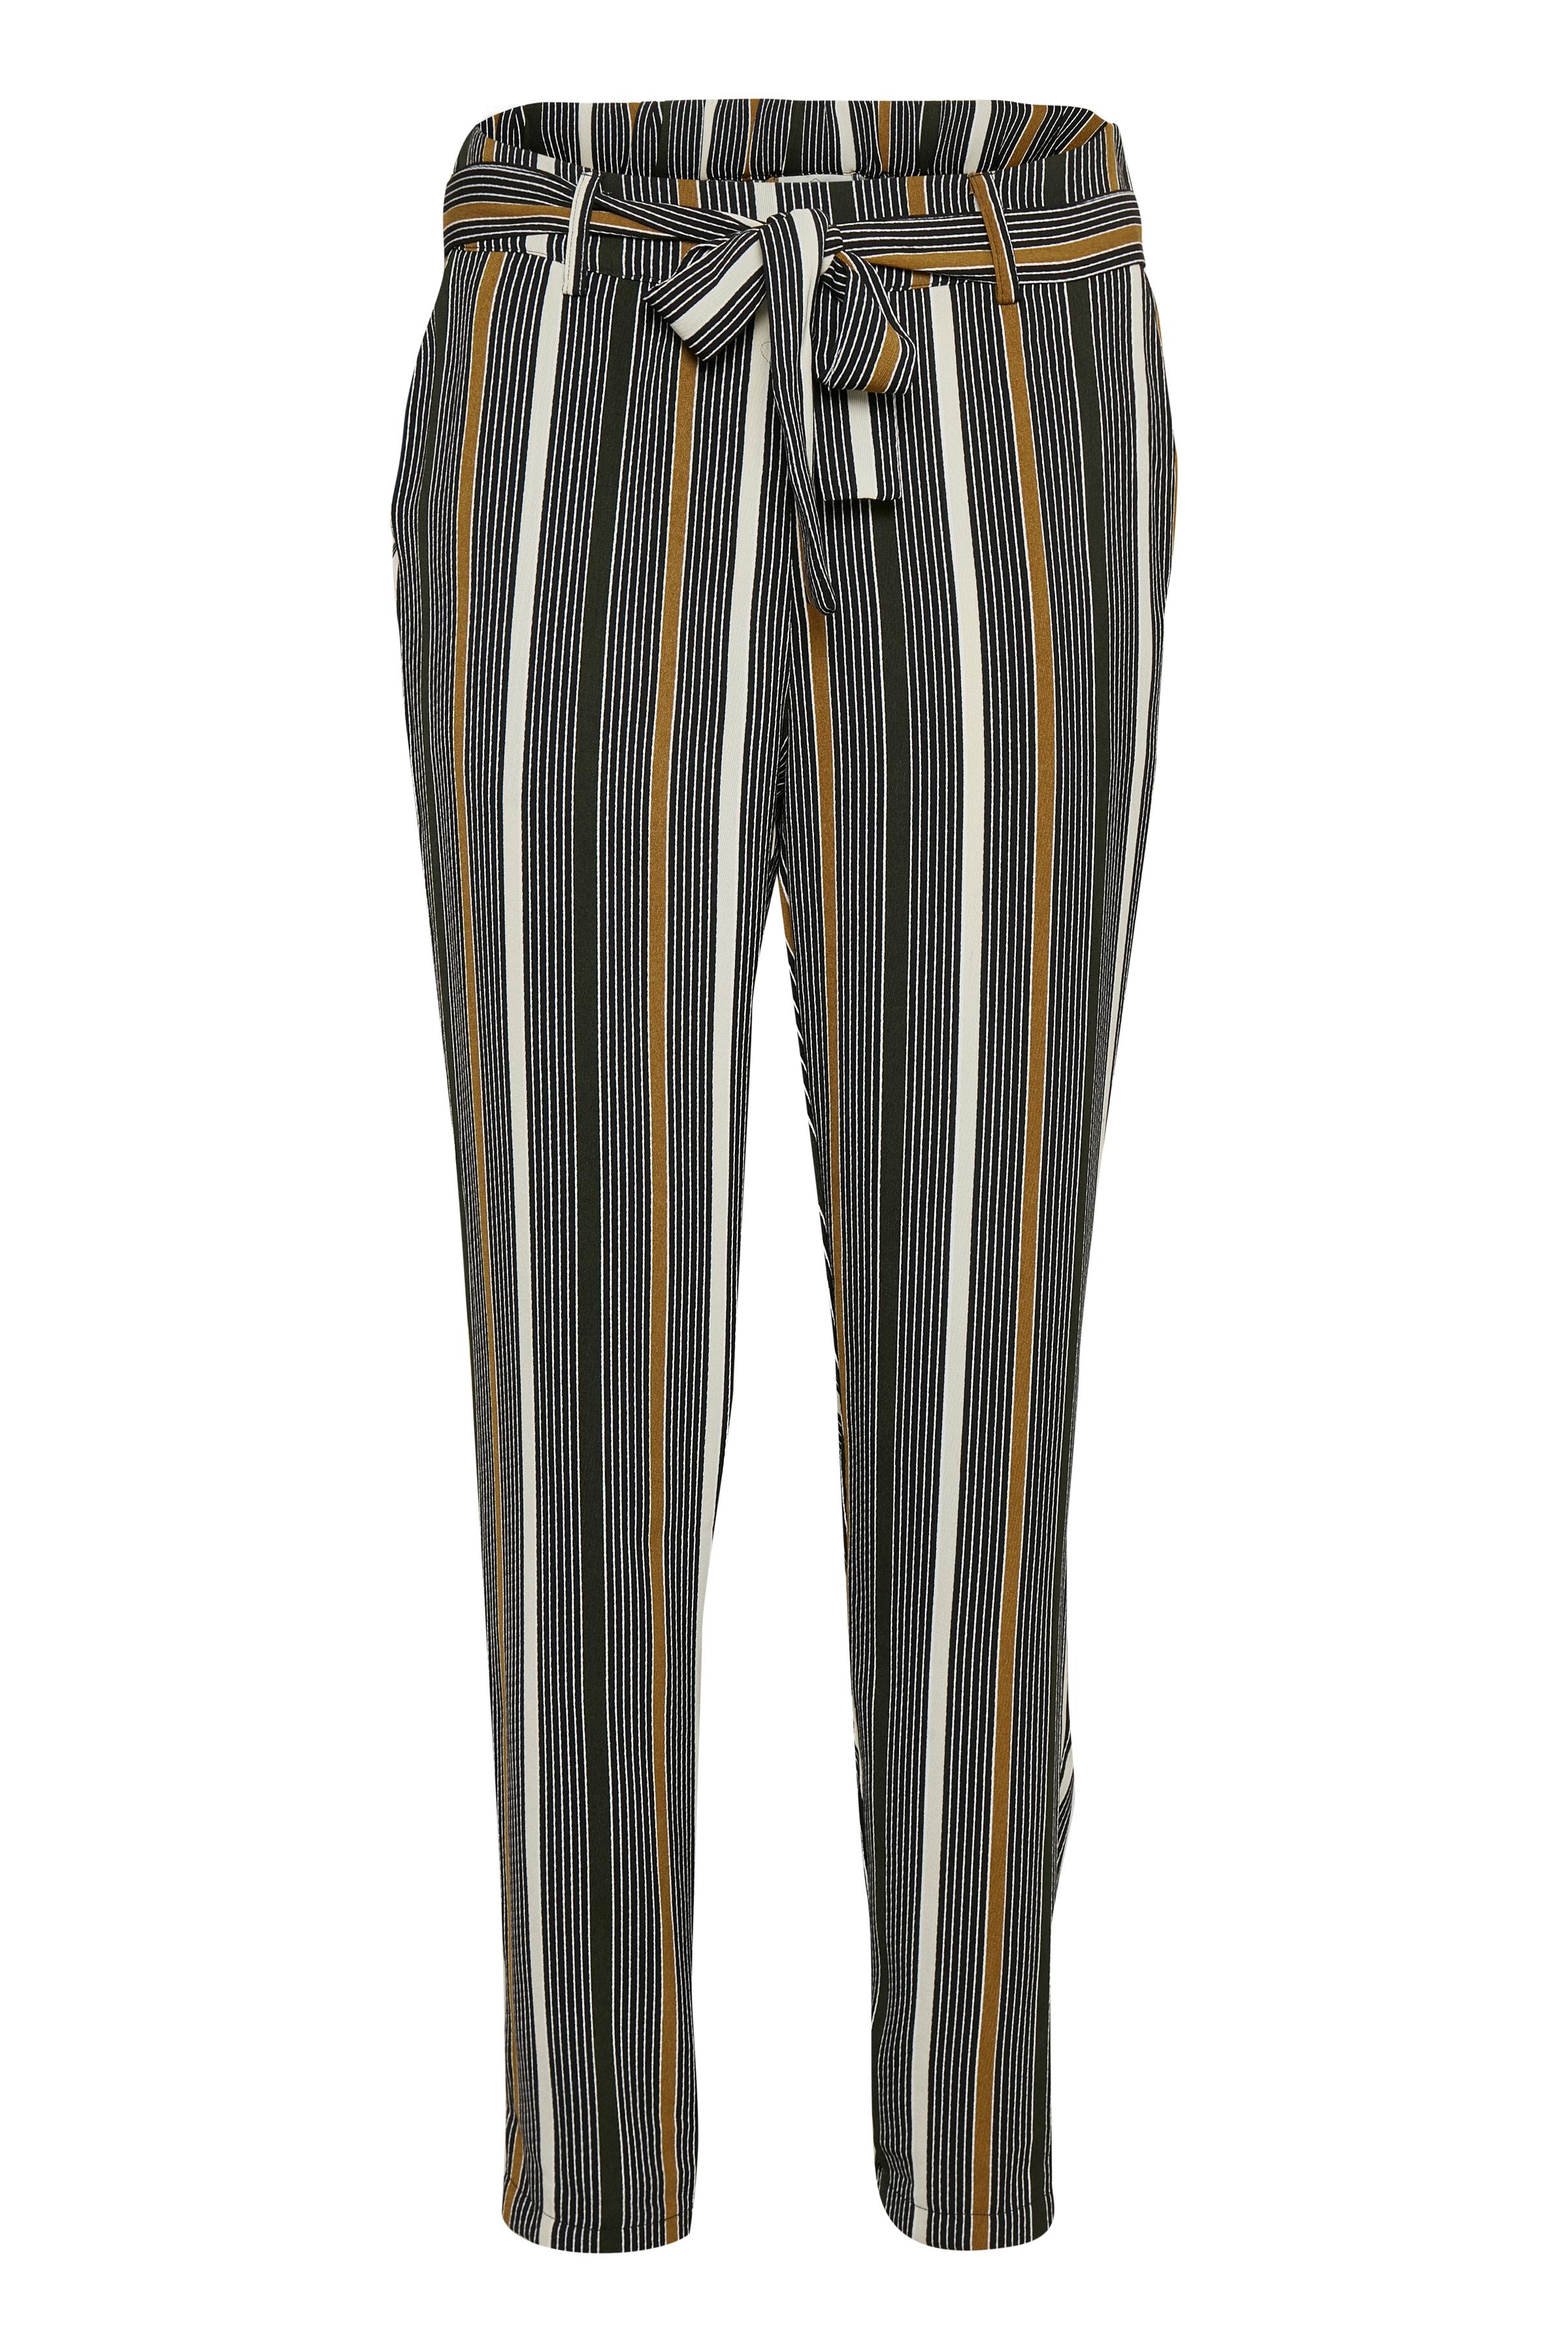 Sort/lysebrun Casual bukser fra Kaffe – Køb Sort/lysebrun Casual bukser fra str. 34-46 her